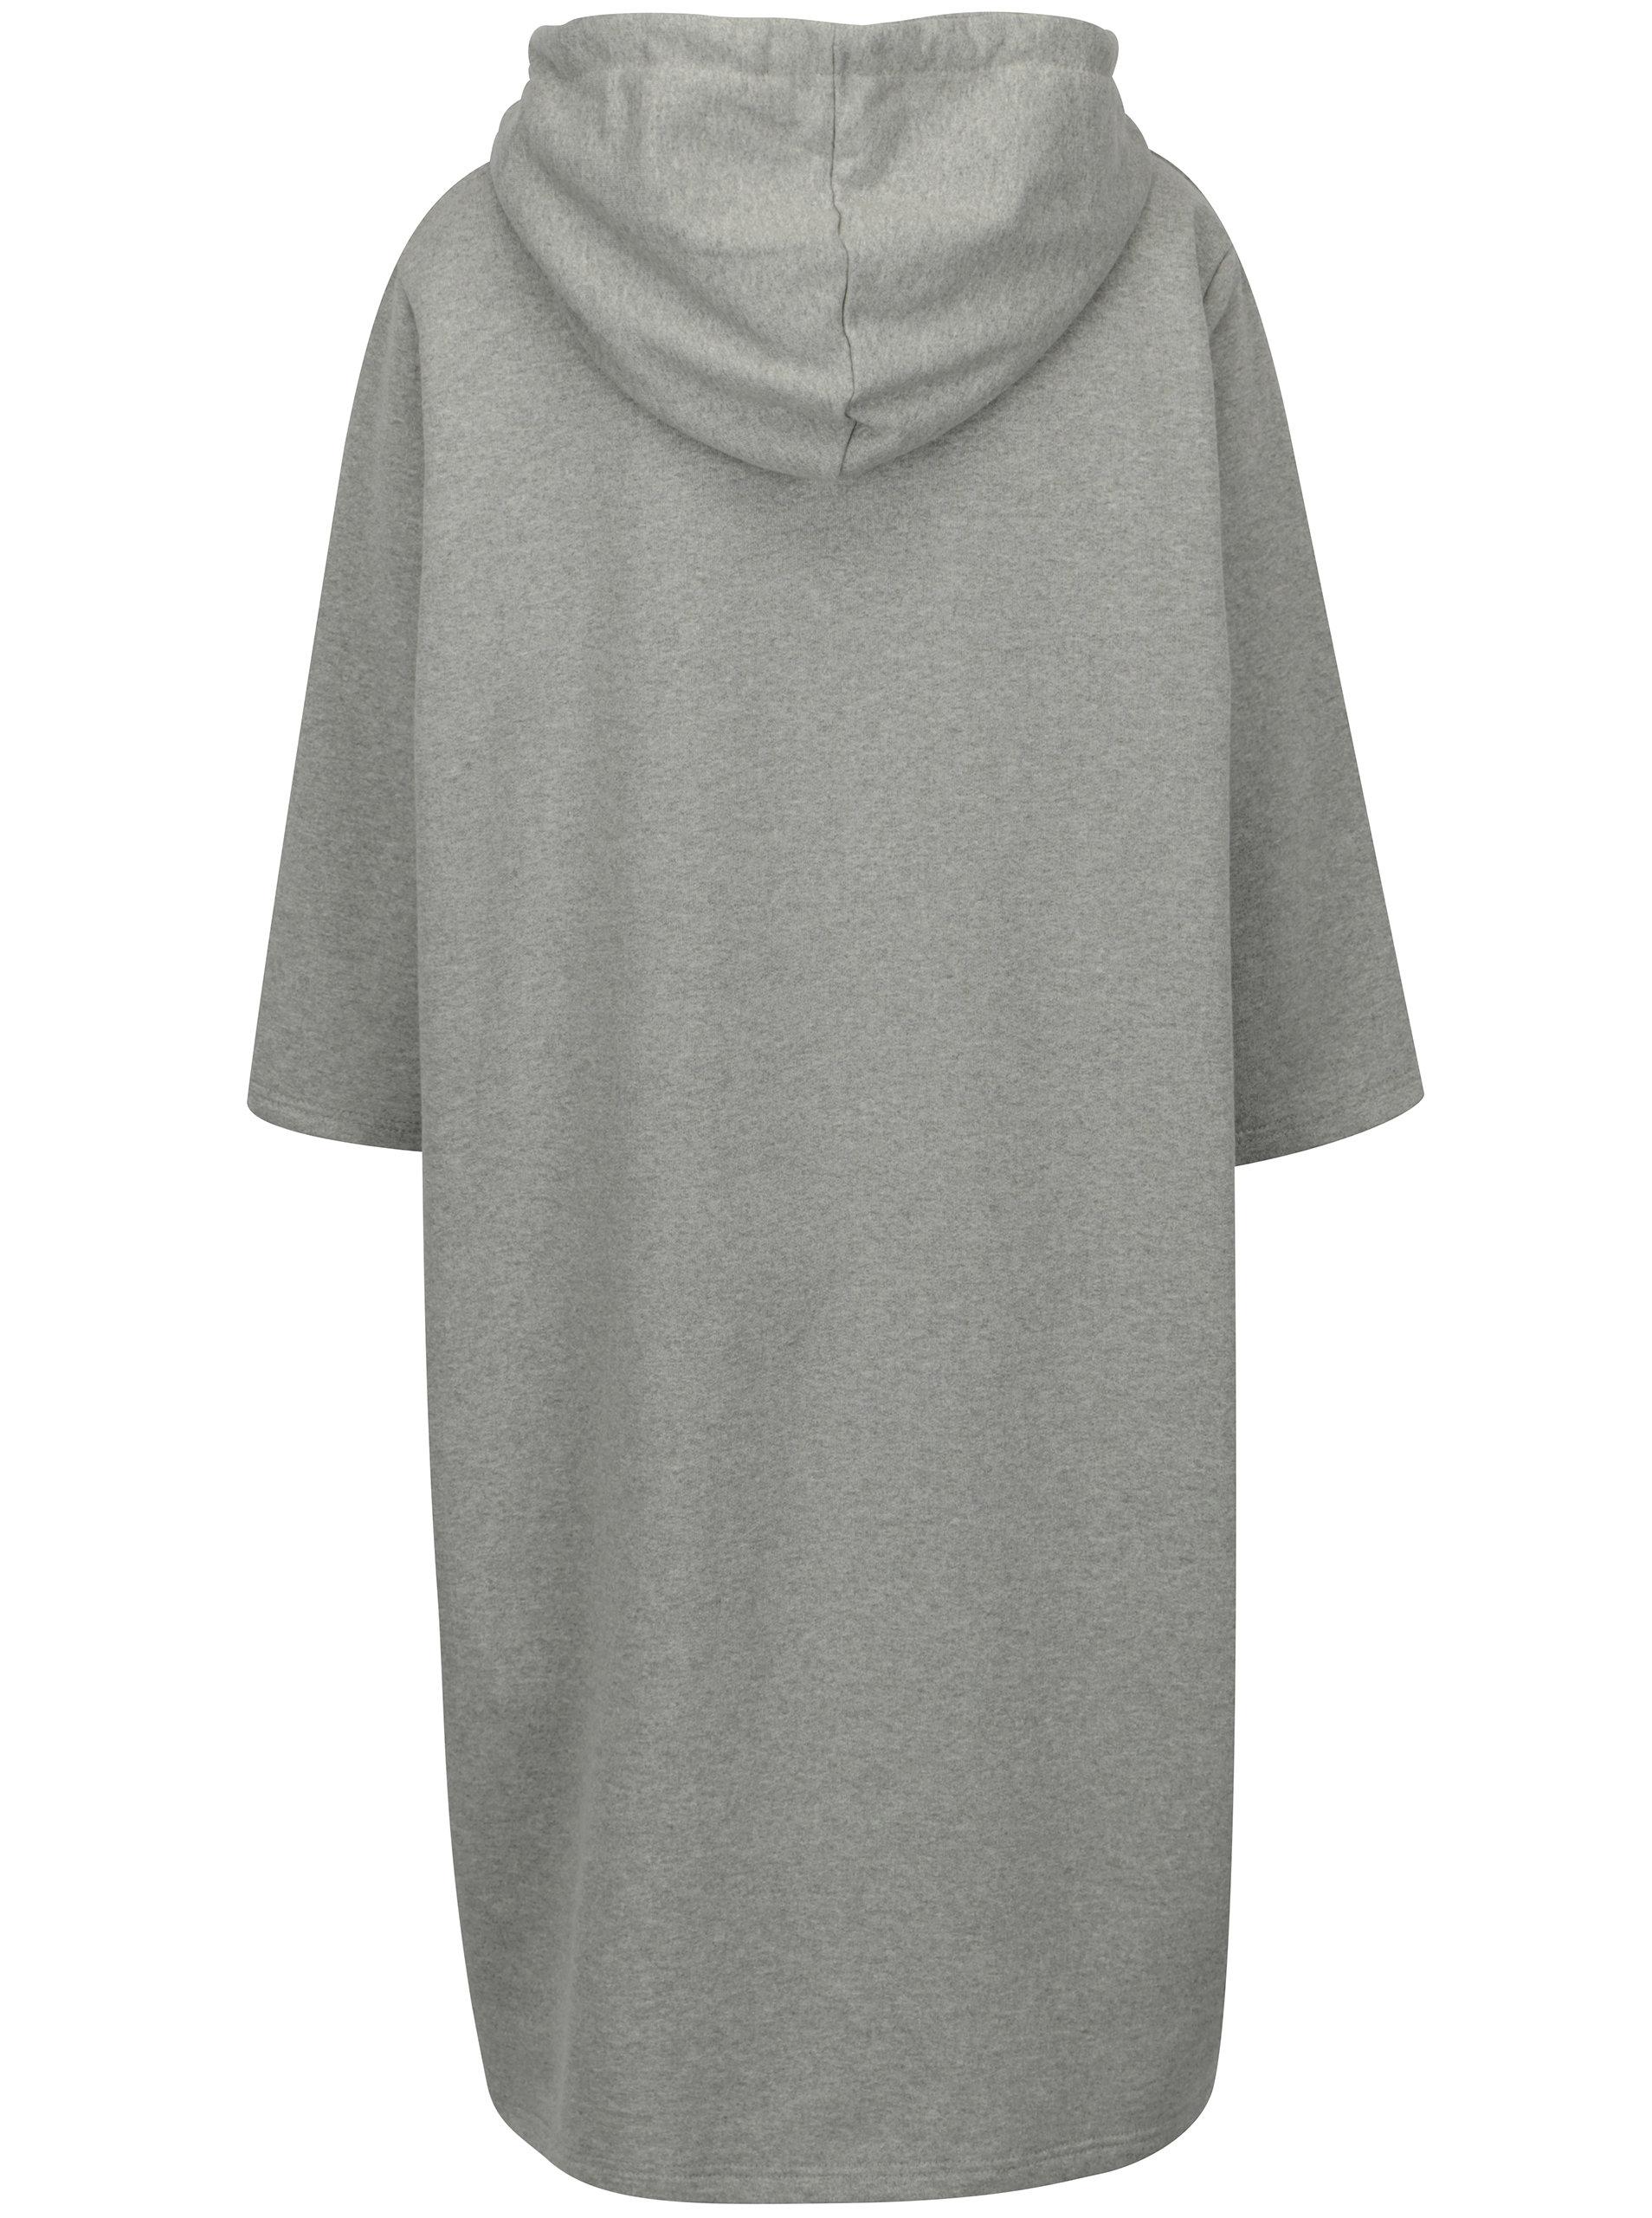 Šedé oversize mikinové šaty s kapucí a 3 4 rukávem Zizzi ... 0dab1971d5